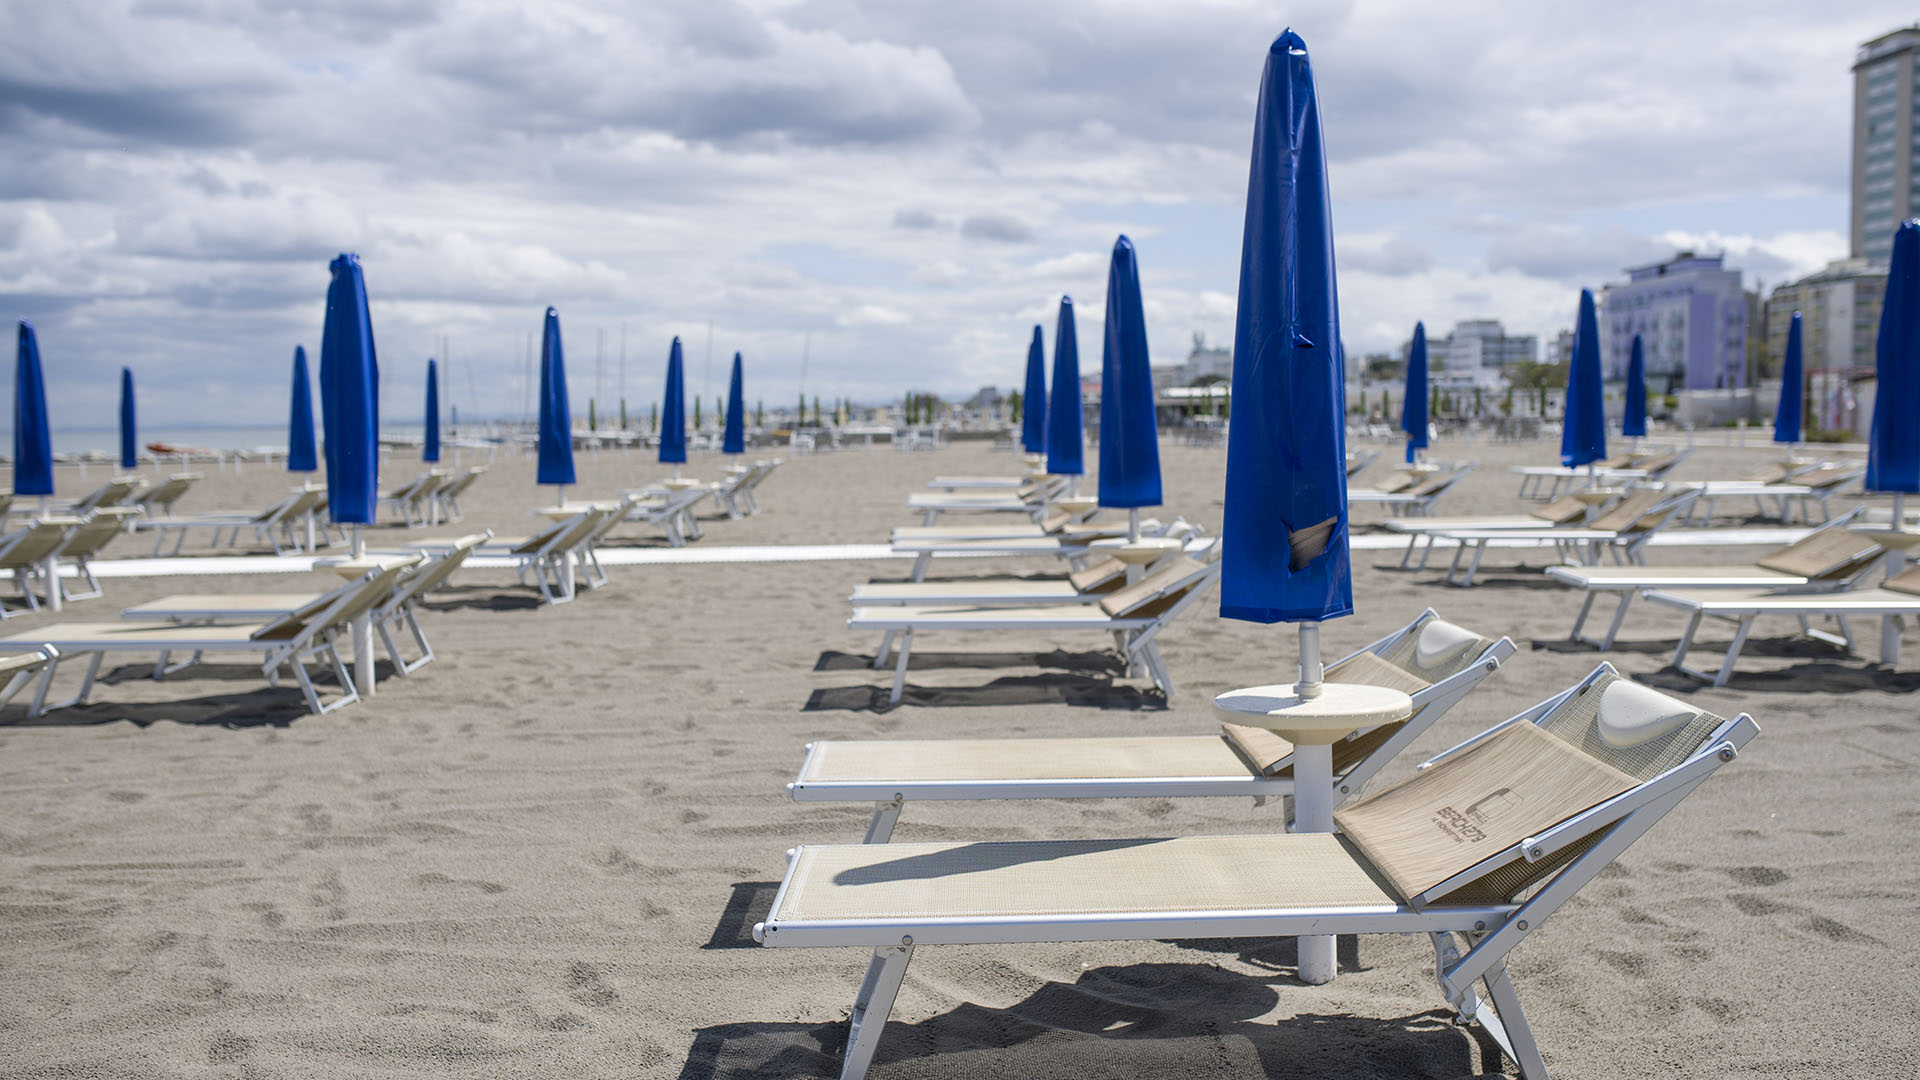 Olaszország rövidesen eltörli a kijárási tilalmat